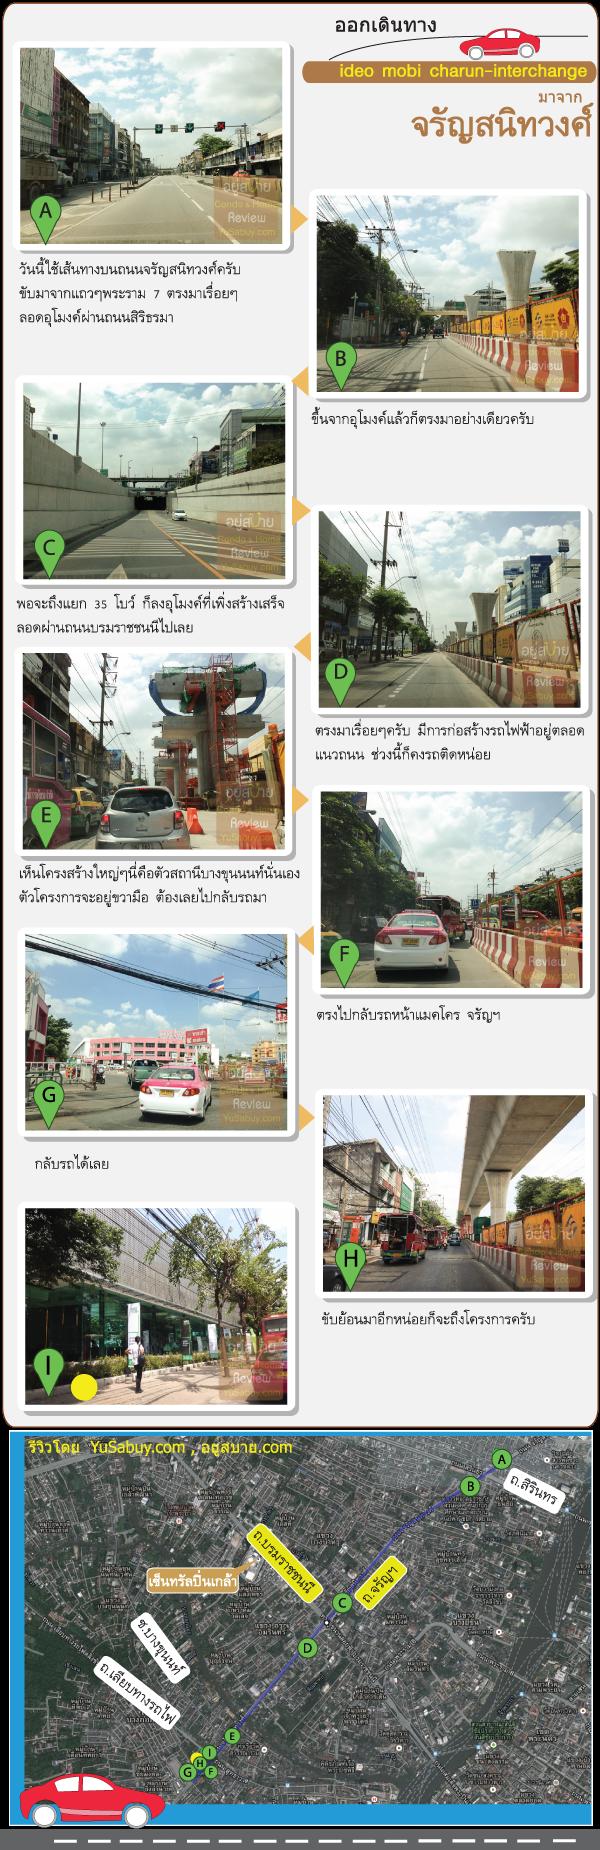 การเดินทางไปคอนโด Ideo Mobi Charun-Interchange (ไอดีโอ โมบิ จรัญ-อินเตอร์เชนจ์)